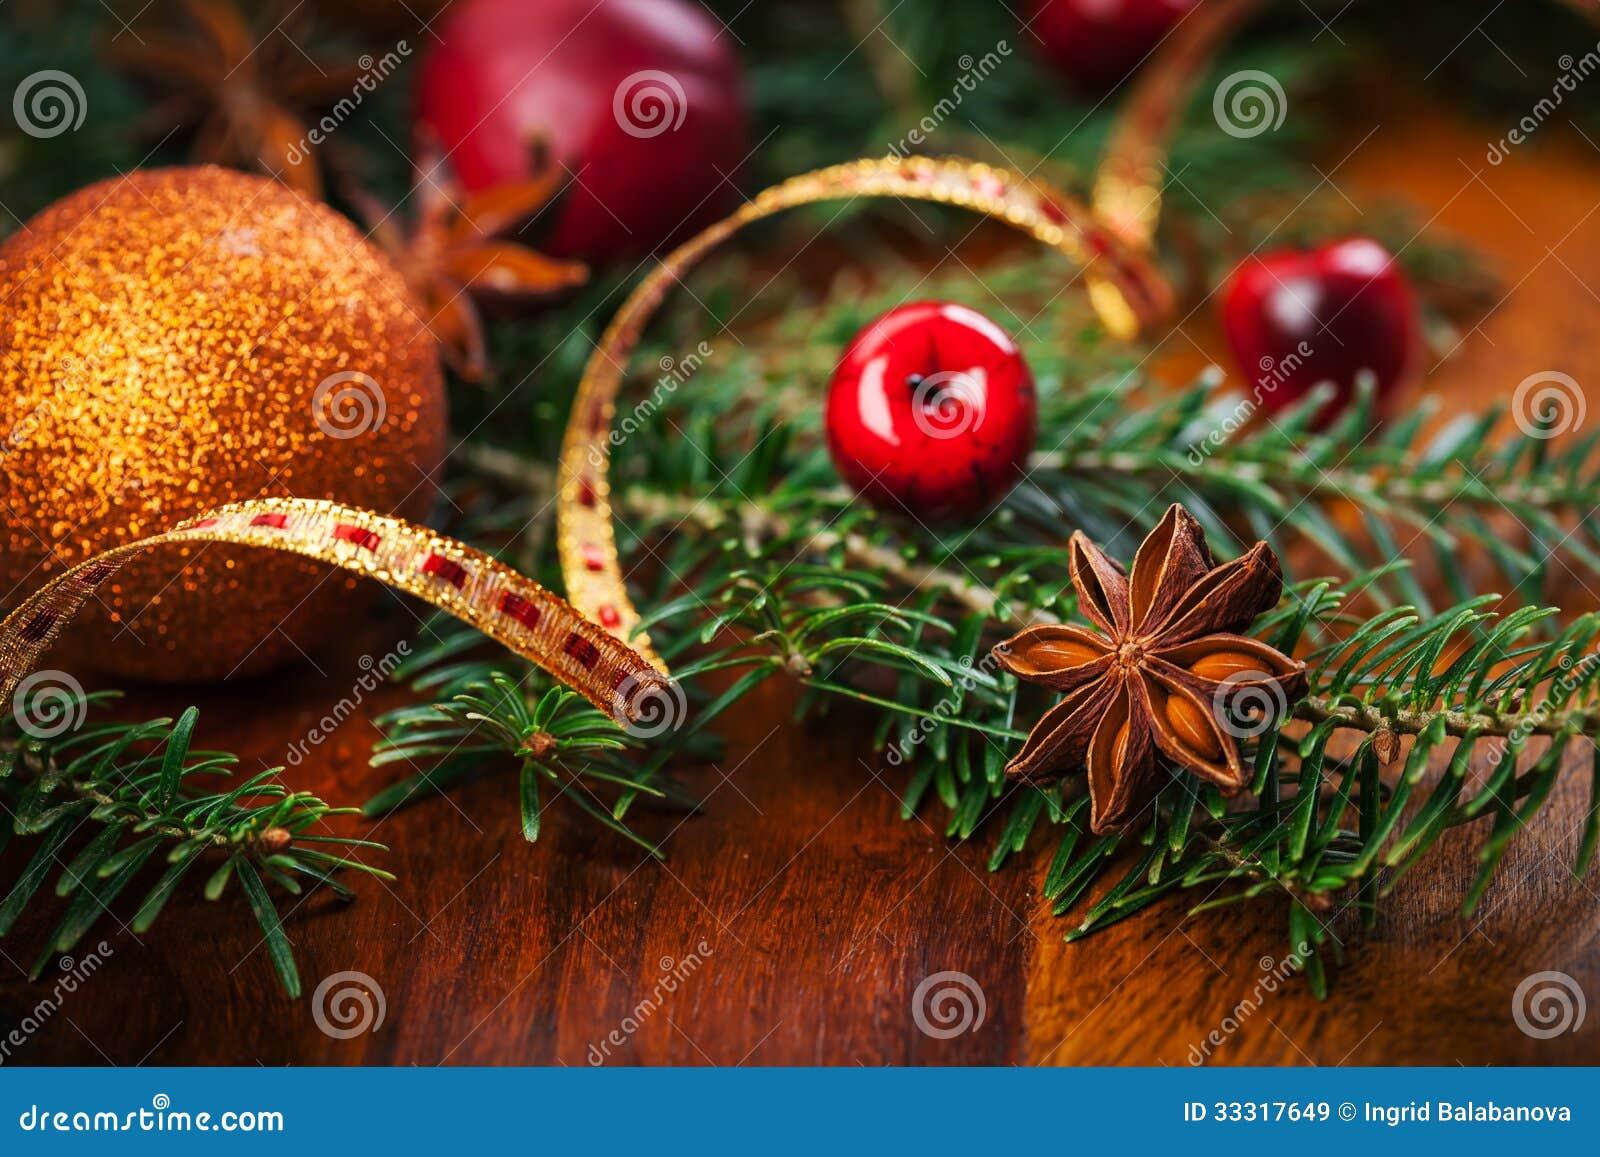 #B42E17 Décoration Traditionnelle De Noël Sur La Table En Bois  5521 décorations de noel traditionnelles 1300x957 px @ aertt.com